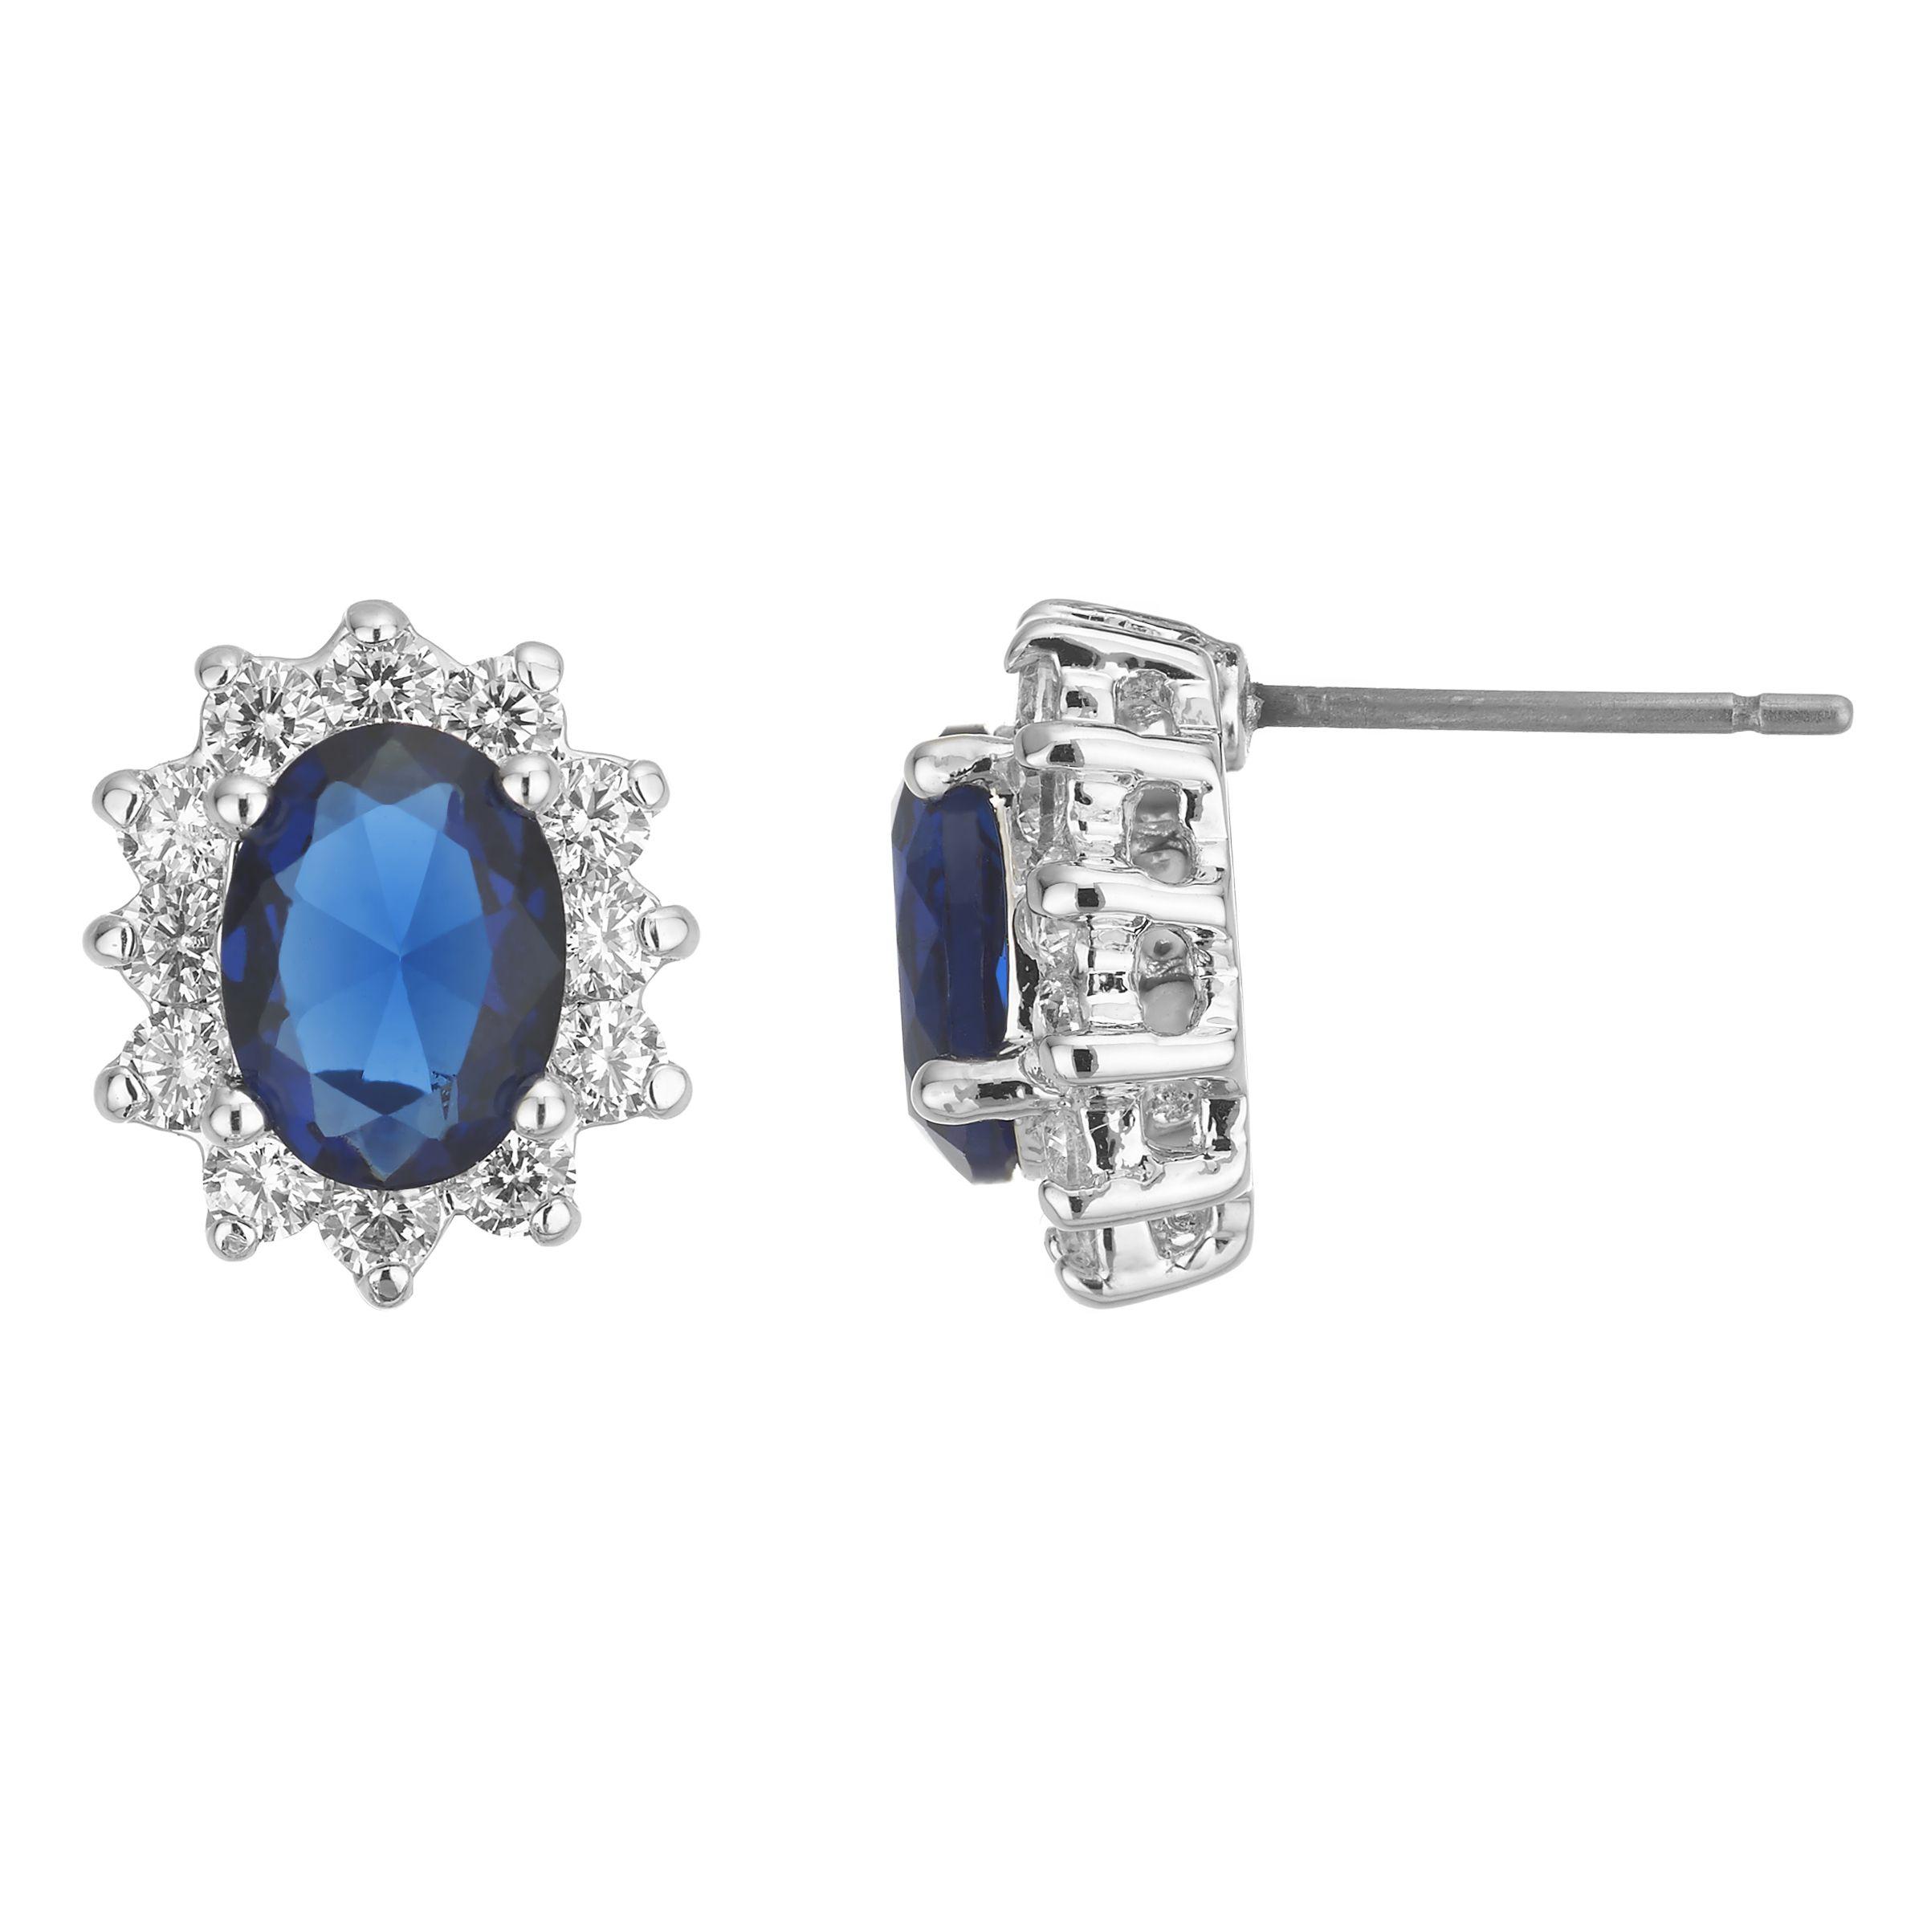 Buckley Royal Celebration Blue Stud Earrings